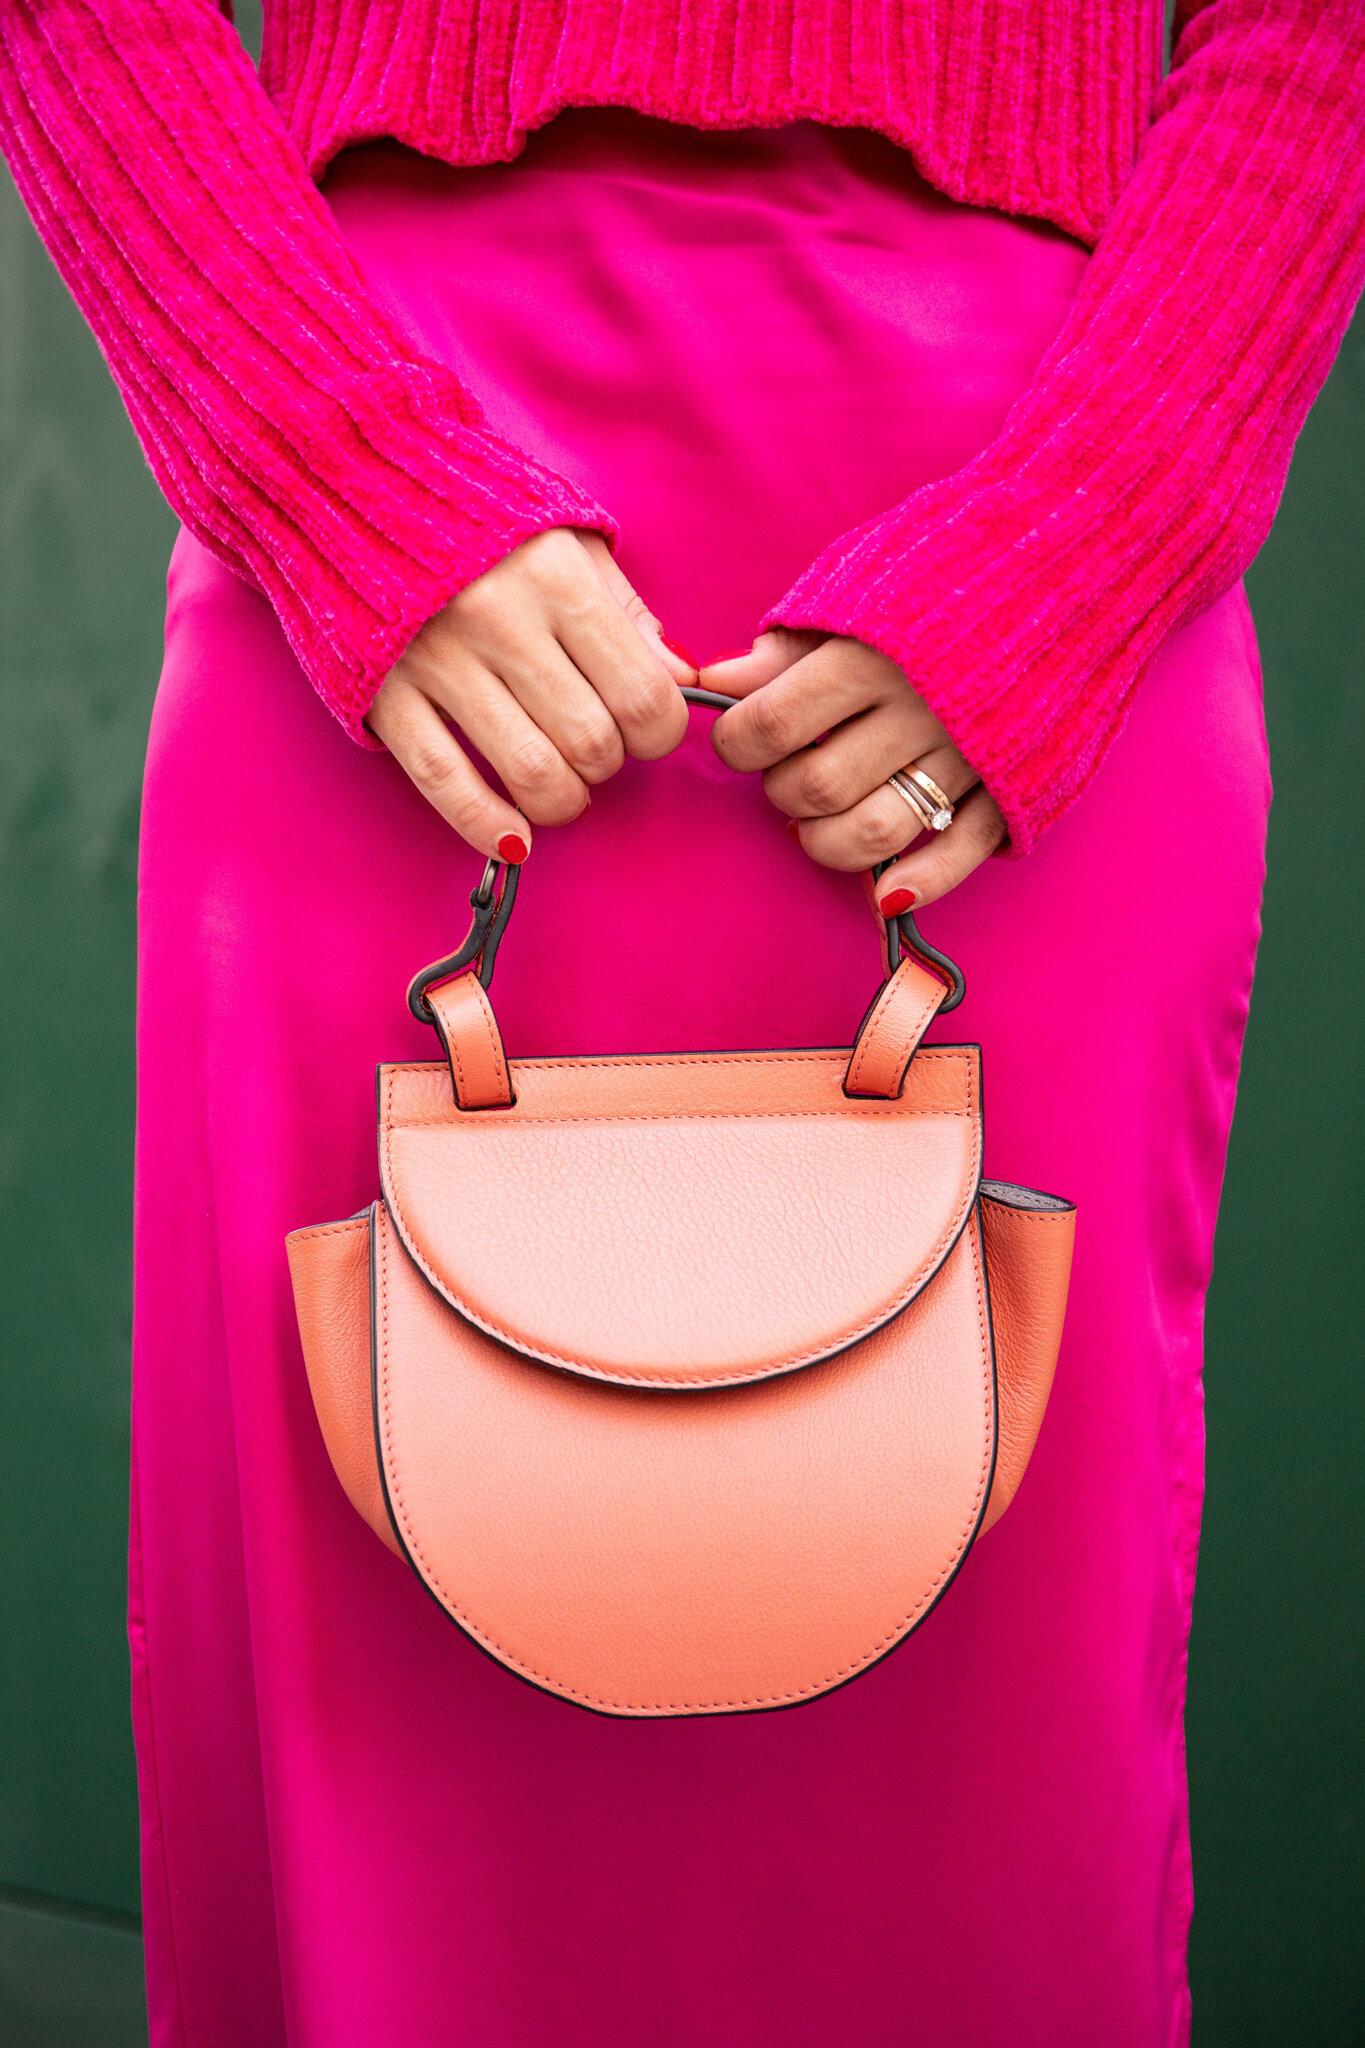 Salmon pink bag